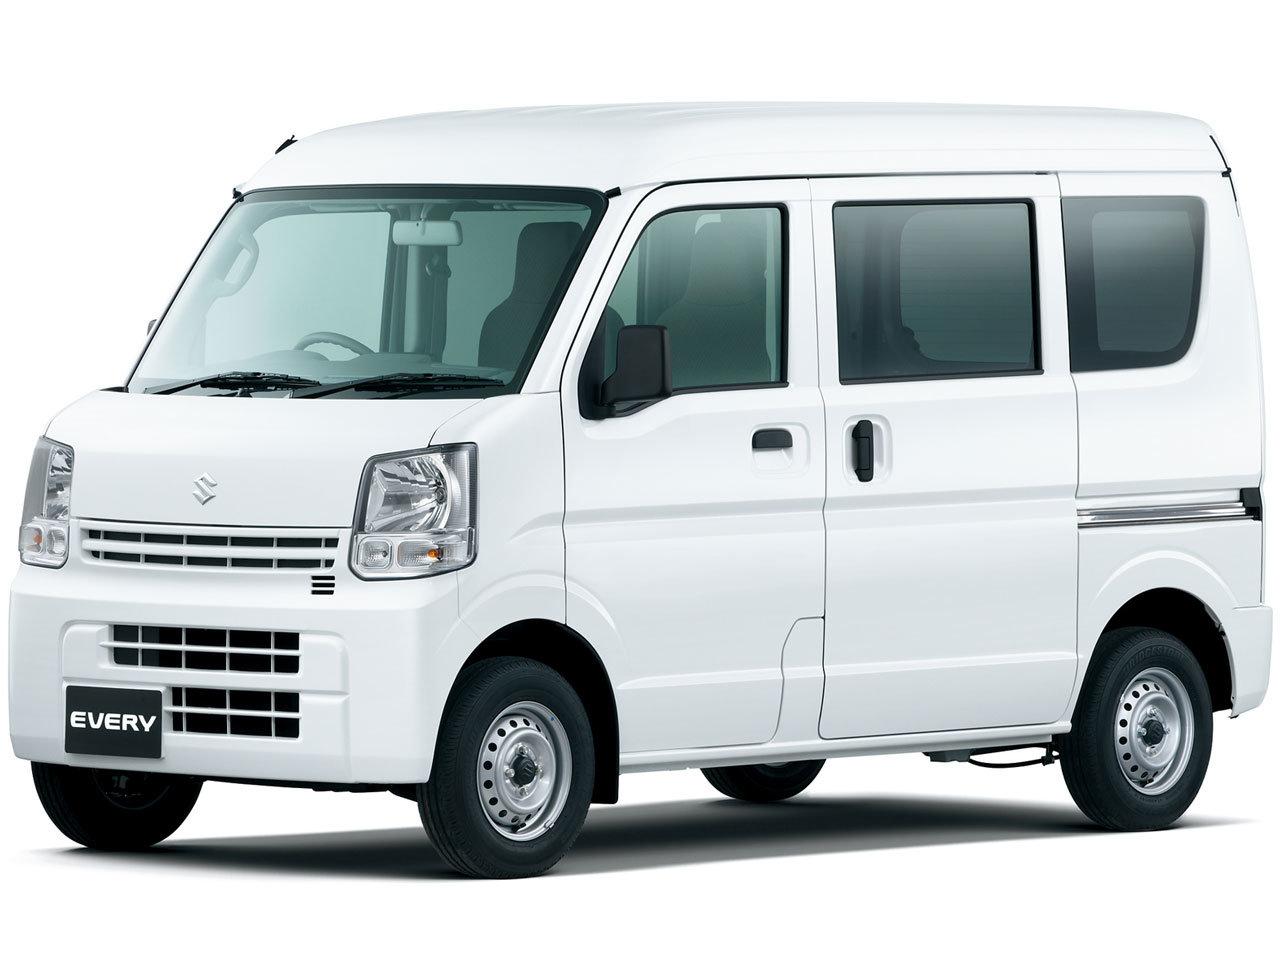 【GoToトラベルキャンペーン!】荷物運びはおまかせ!軽商用車エブリィプラン【スタッドレスタイヤ標準装備】